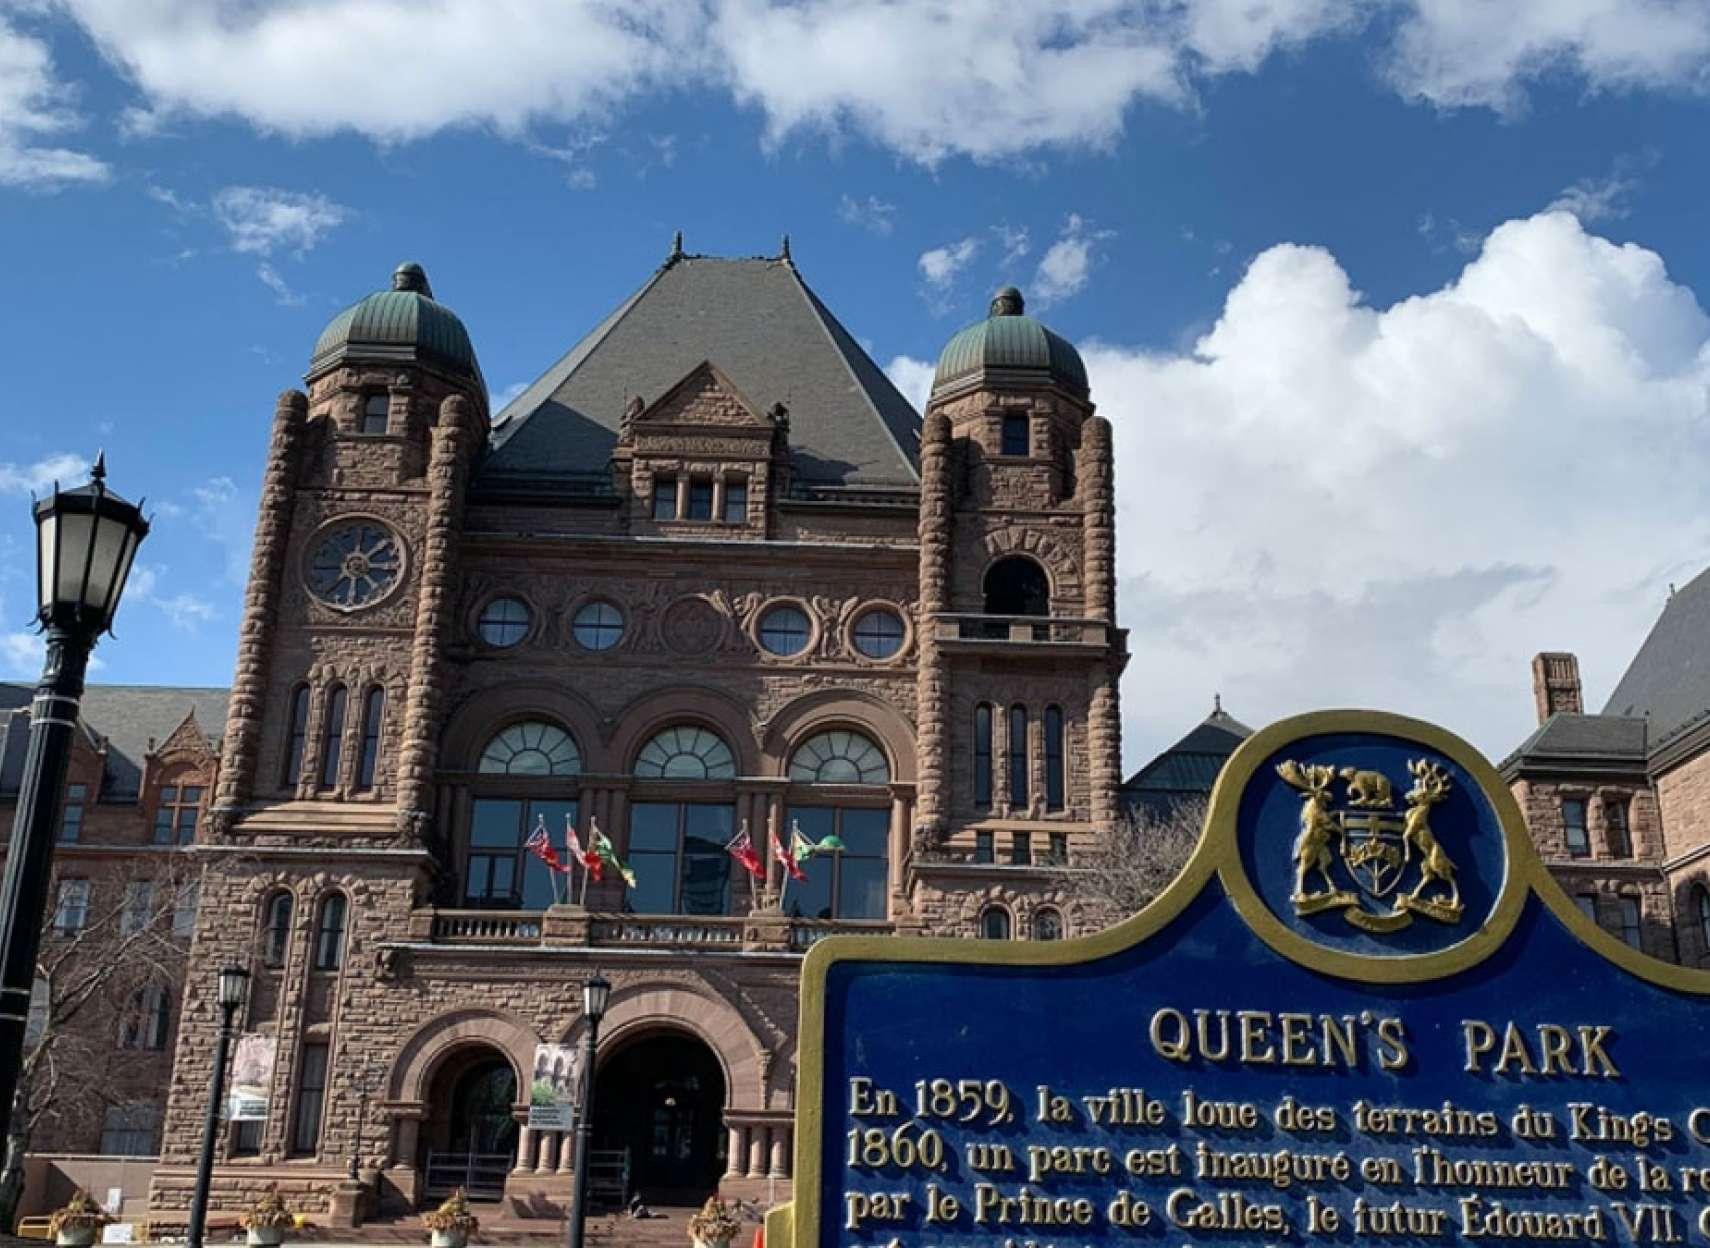 اخبار-تورنتو-حسابرس-۴۴-بیلیون-دلار-هزینه-کمک-به-کرونای-دولت-انتاریو-قابل-ردیابی-نیست